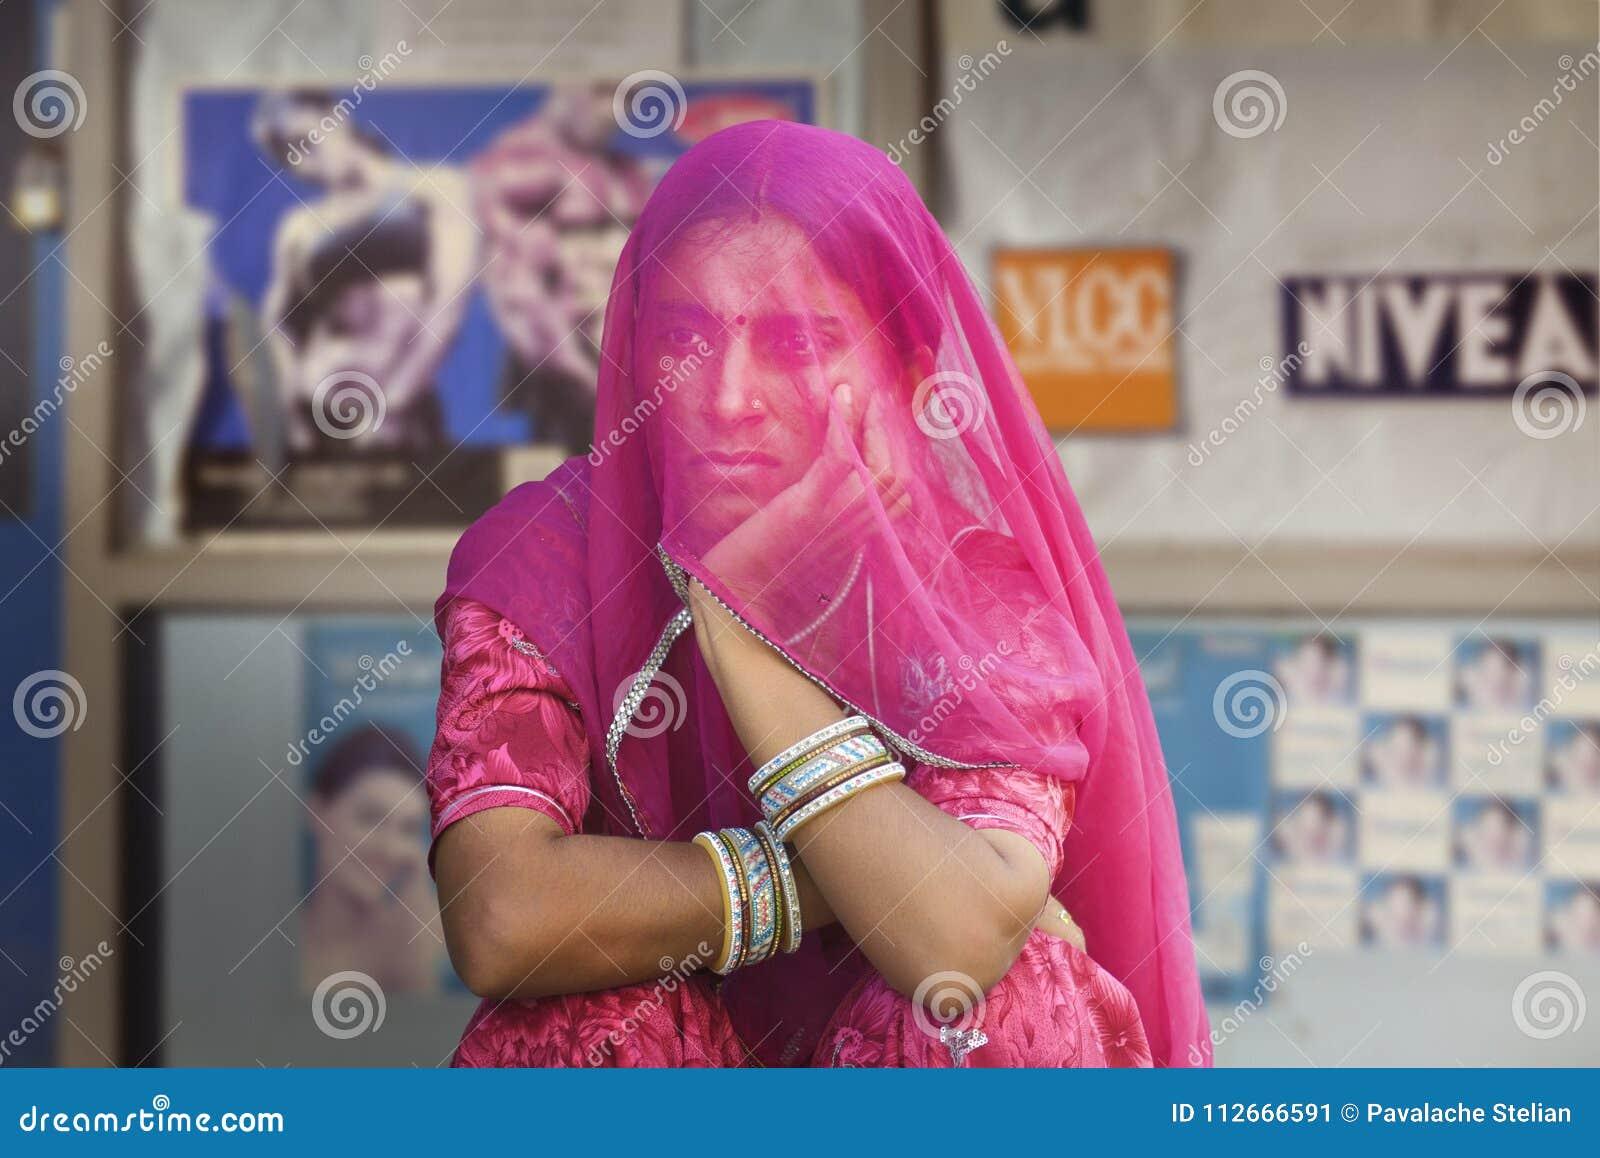 Ινδές γυναίκες που καλύπτονται από ένα ιώδες μαντίλι από ένα συντηρητικό fam μπροστά από ένα σύνολο πινάκων διαφημίσεων των εικόν